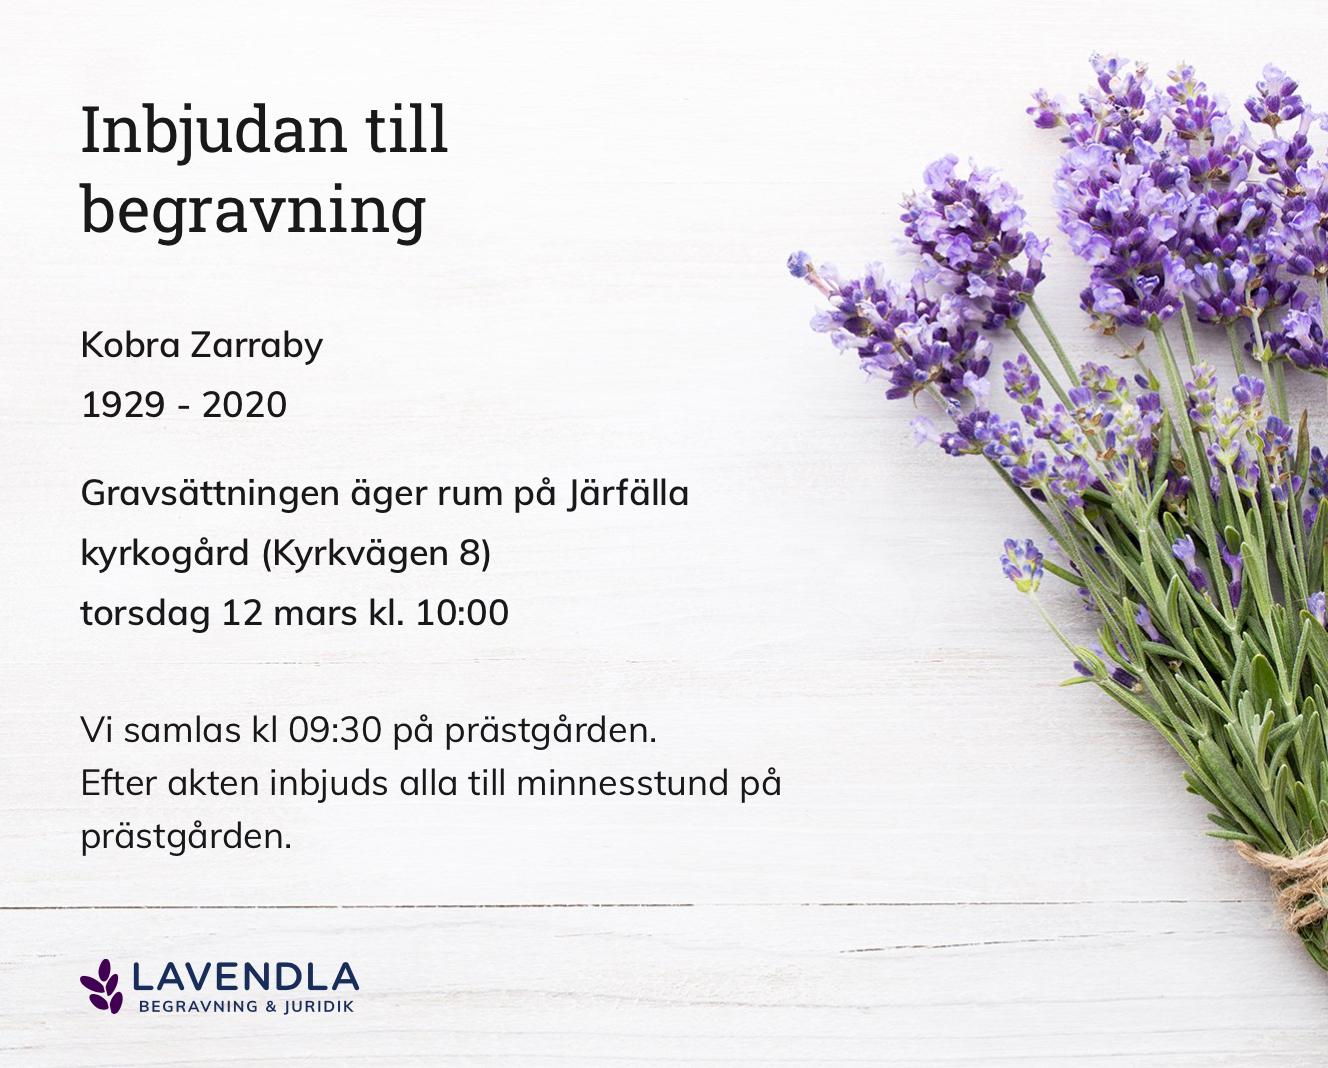 Inbjudningskort till ceremonin för Kobra Zarraby